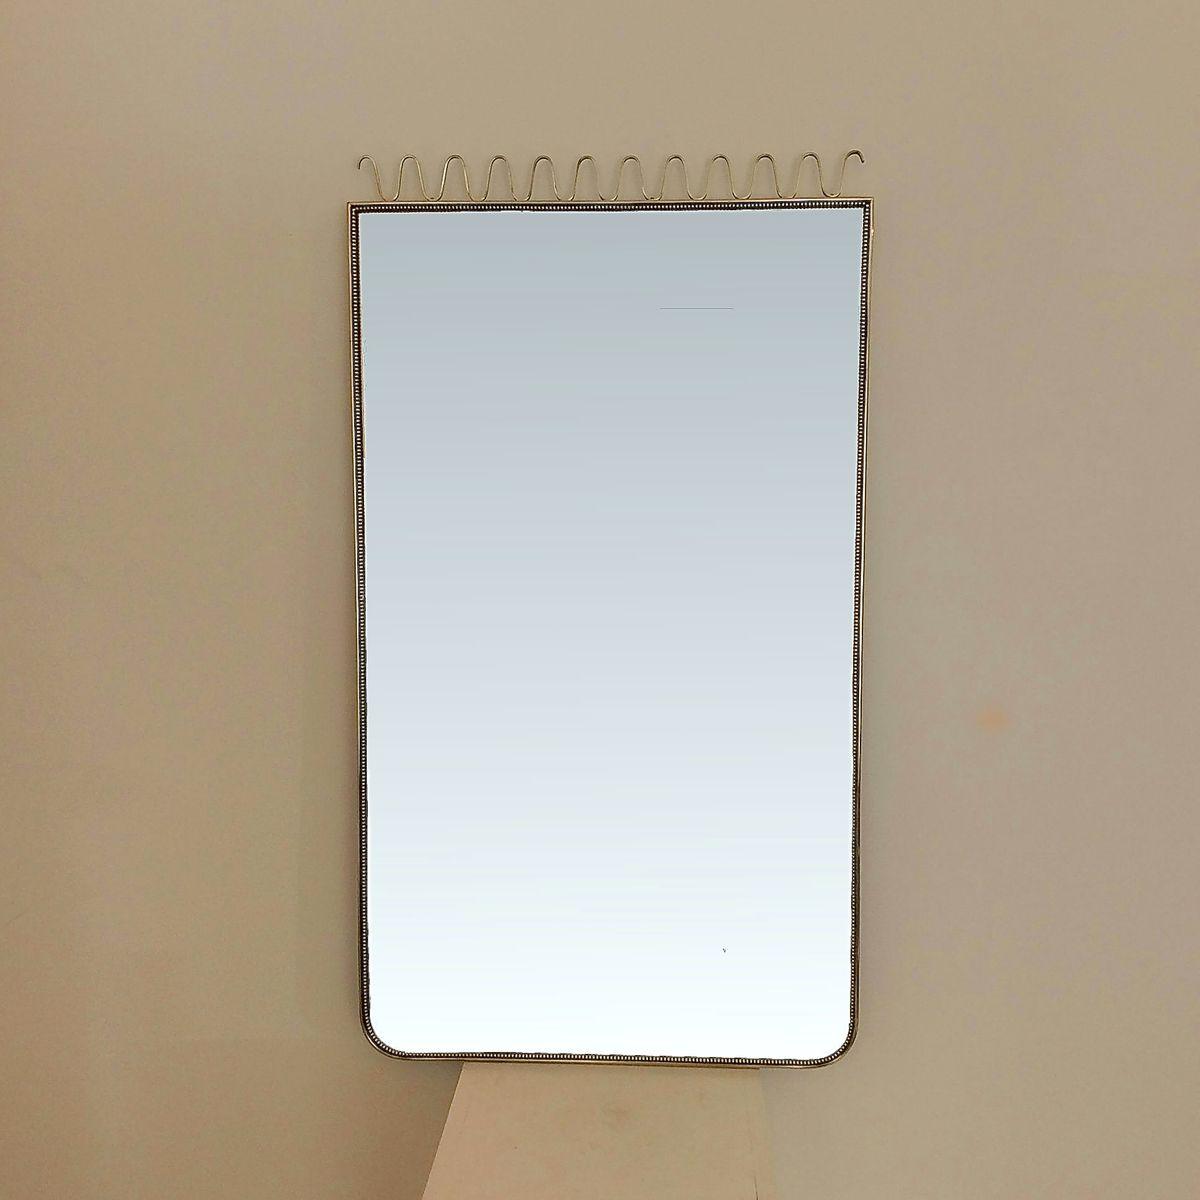 Miroir encadr en laiton italie 1950s en vente sur pamono for Miroir en solde